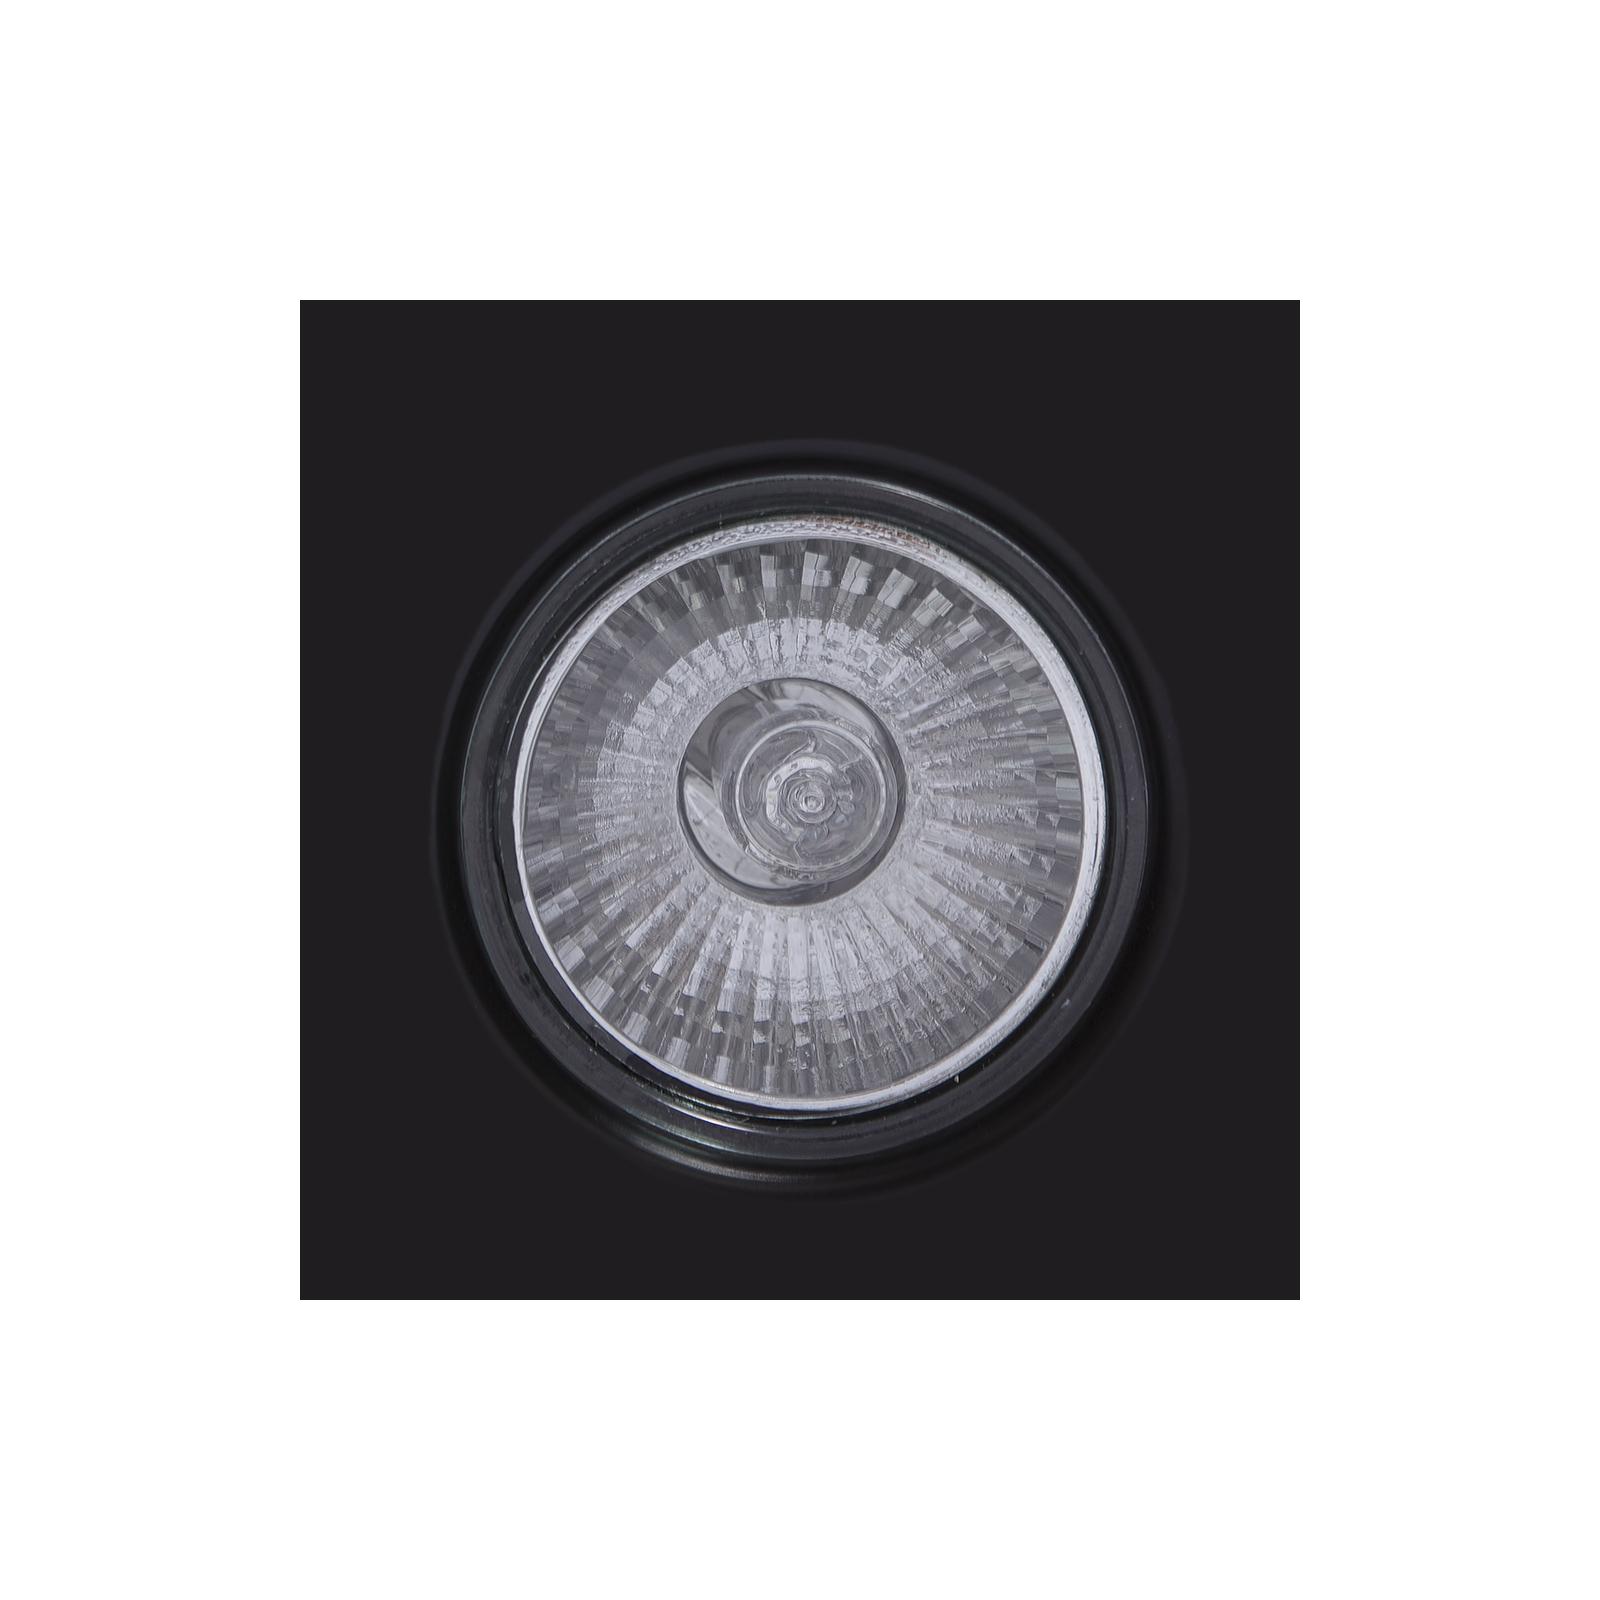 Вытяжка кухонная PERFELLI G 6341 BL изображение 5